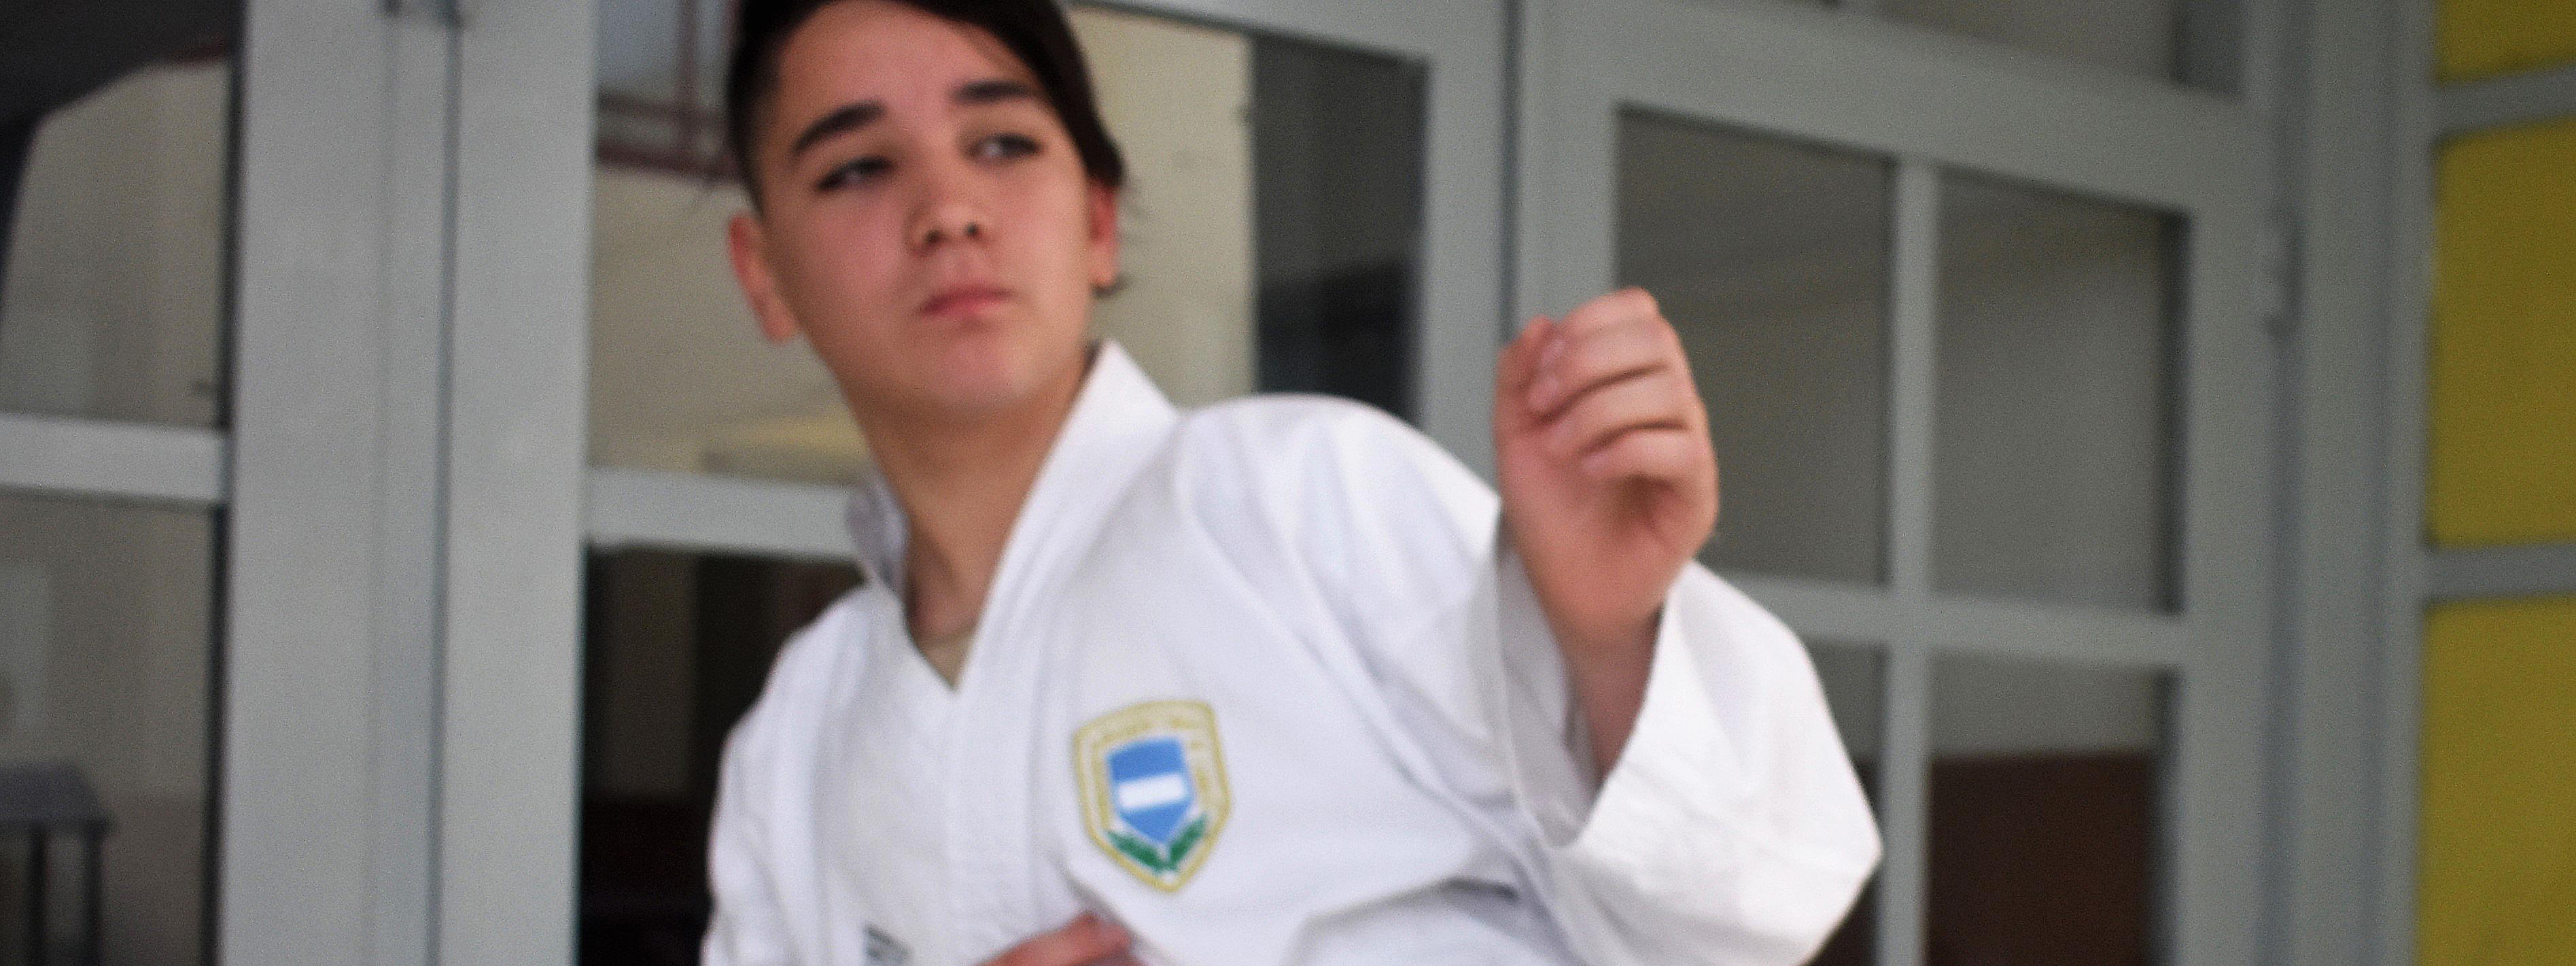 KARATE: La Goju Ryu Seigokan relució con varios oros en el Nacional FAK de Tucumán